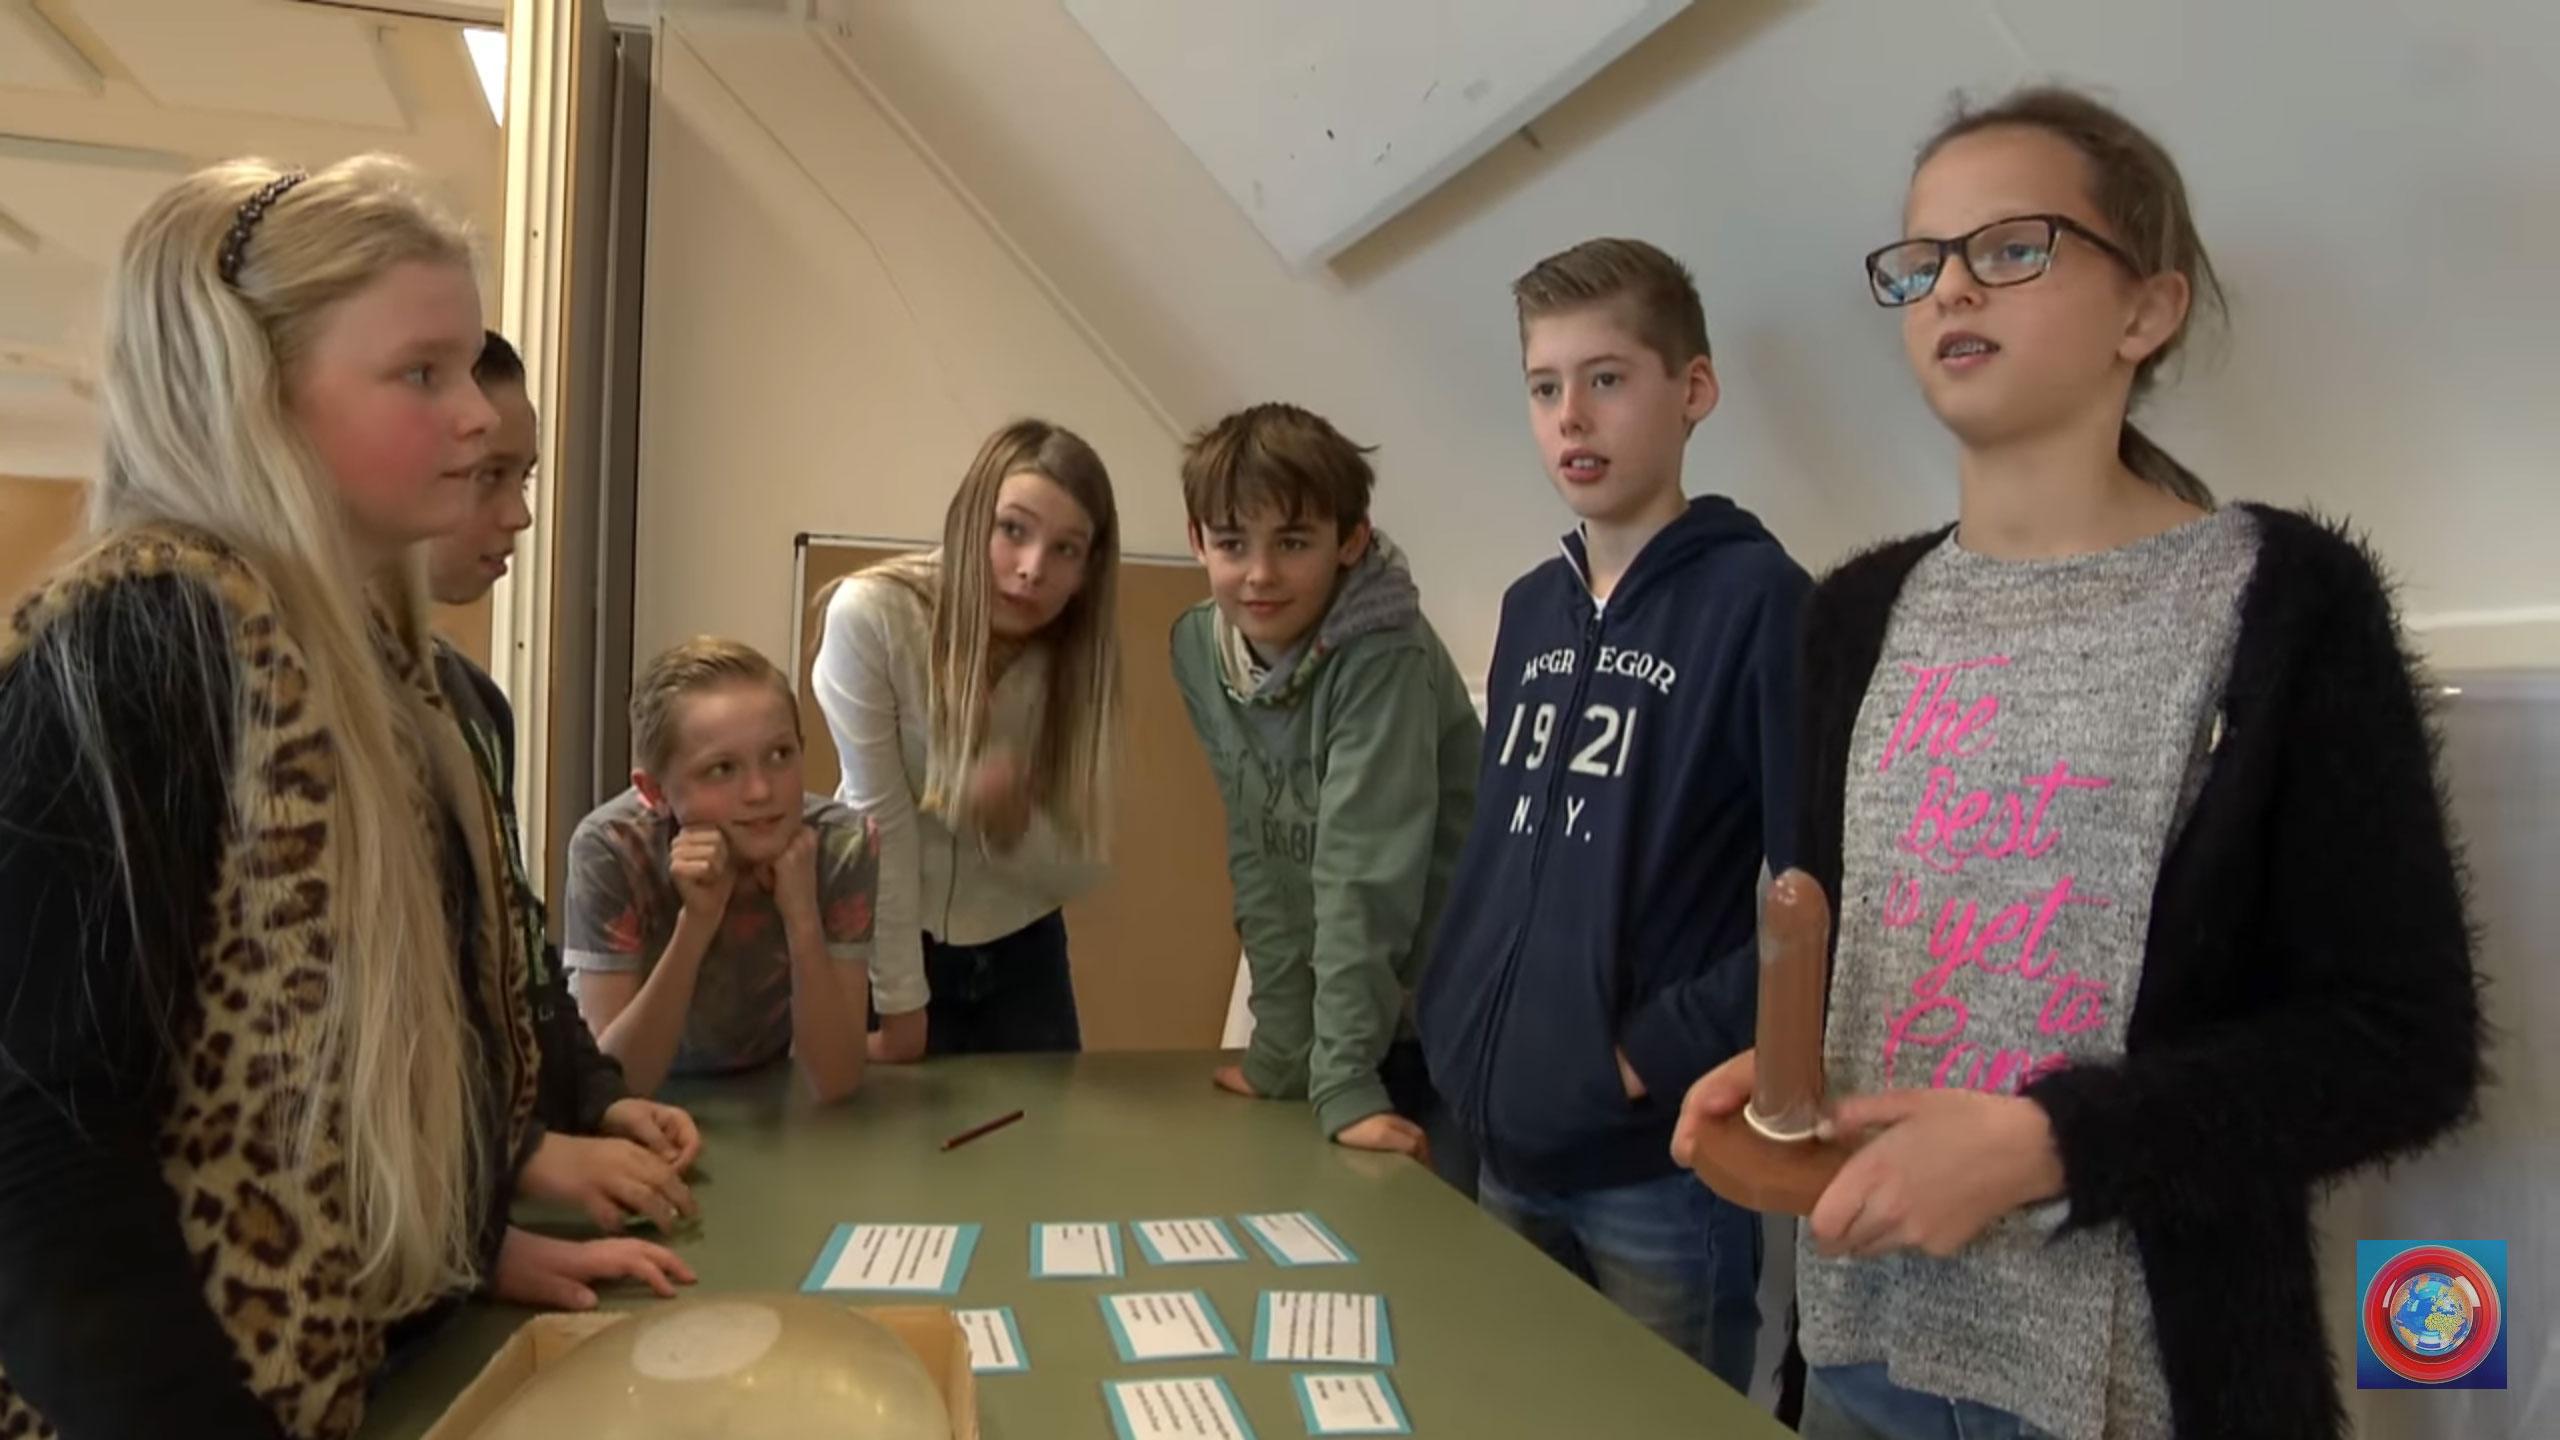 【映像あり】オランダの小学生「コンドームの先は少し膨らんでるね。これは何のためかな?」